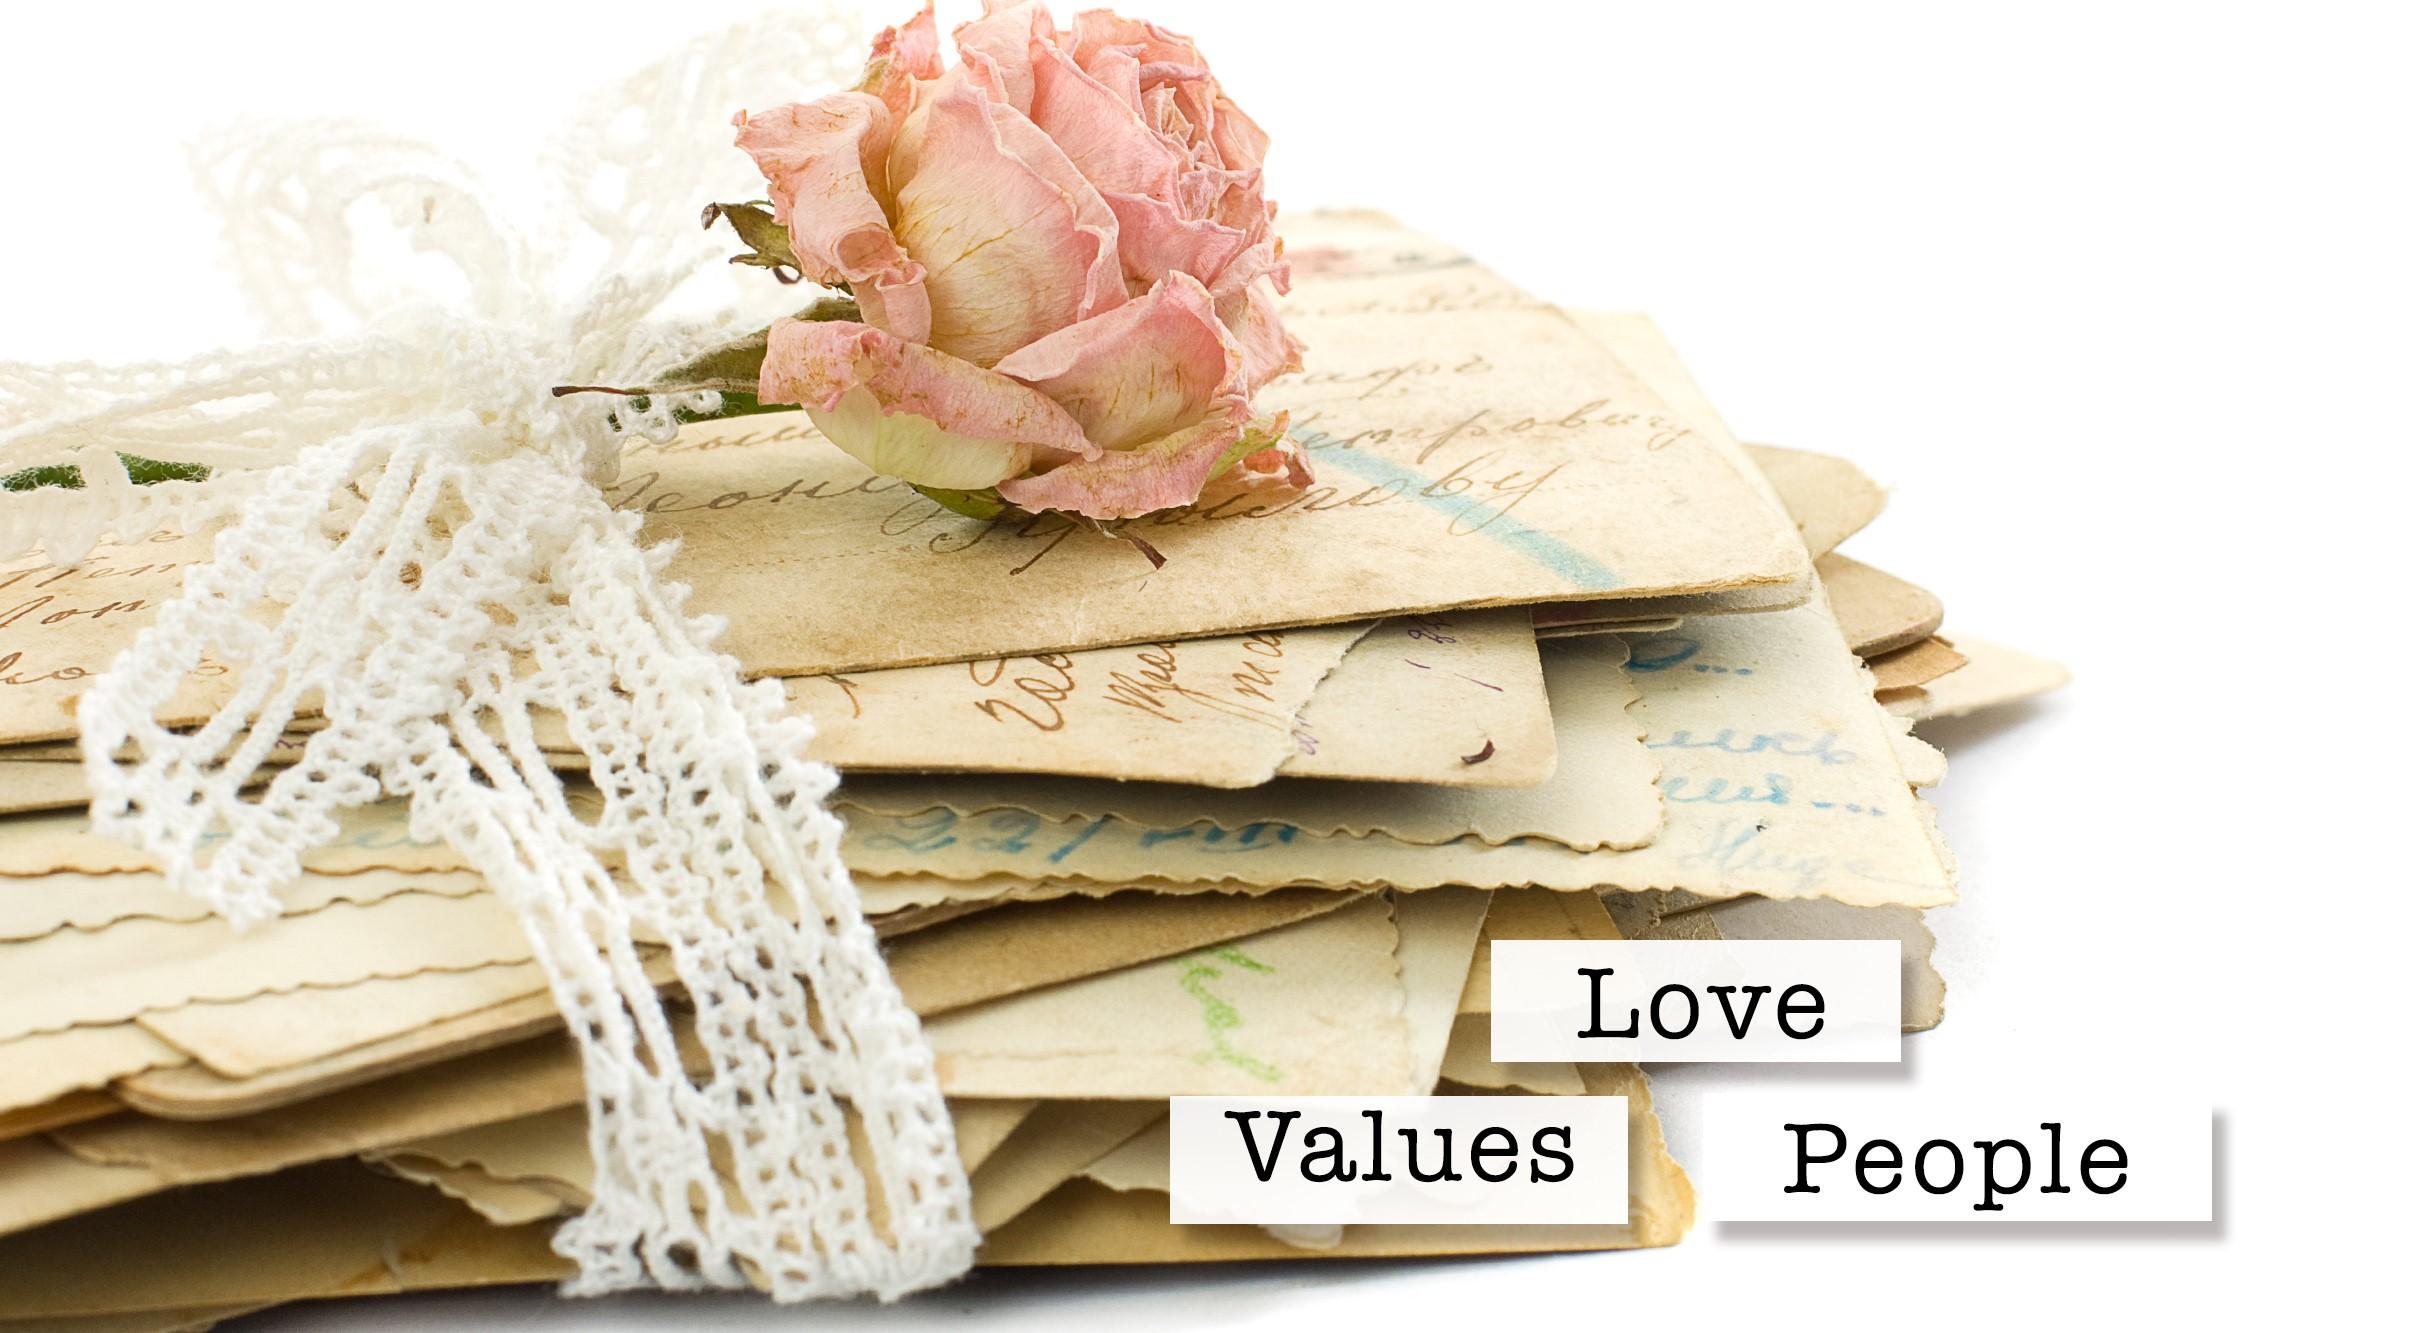 Love Values People